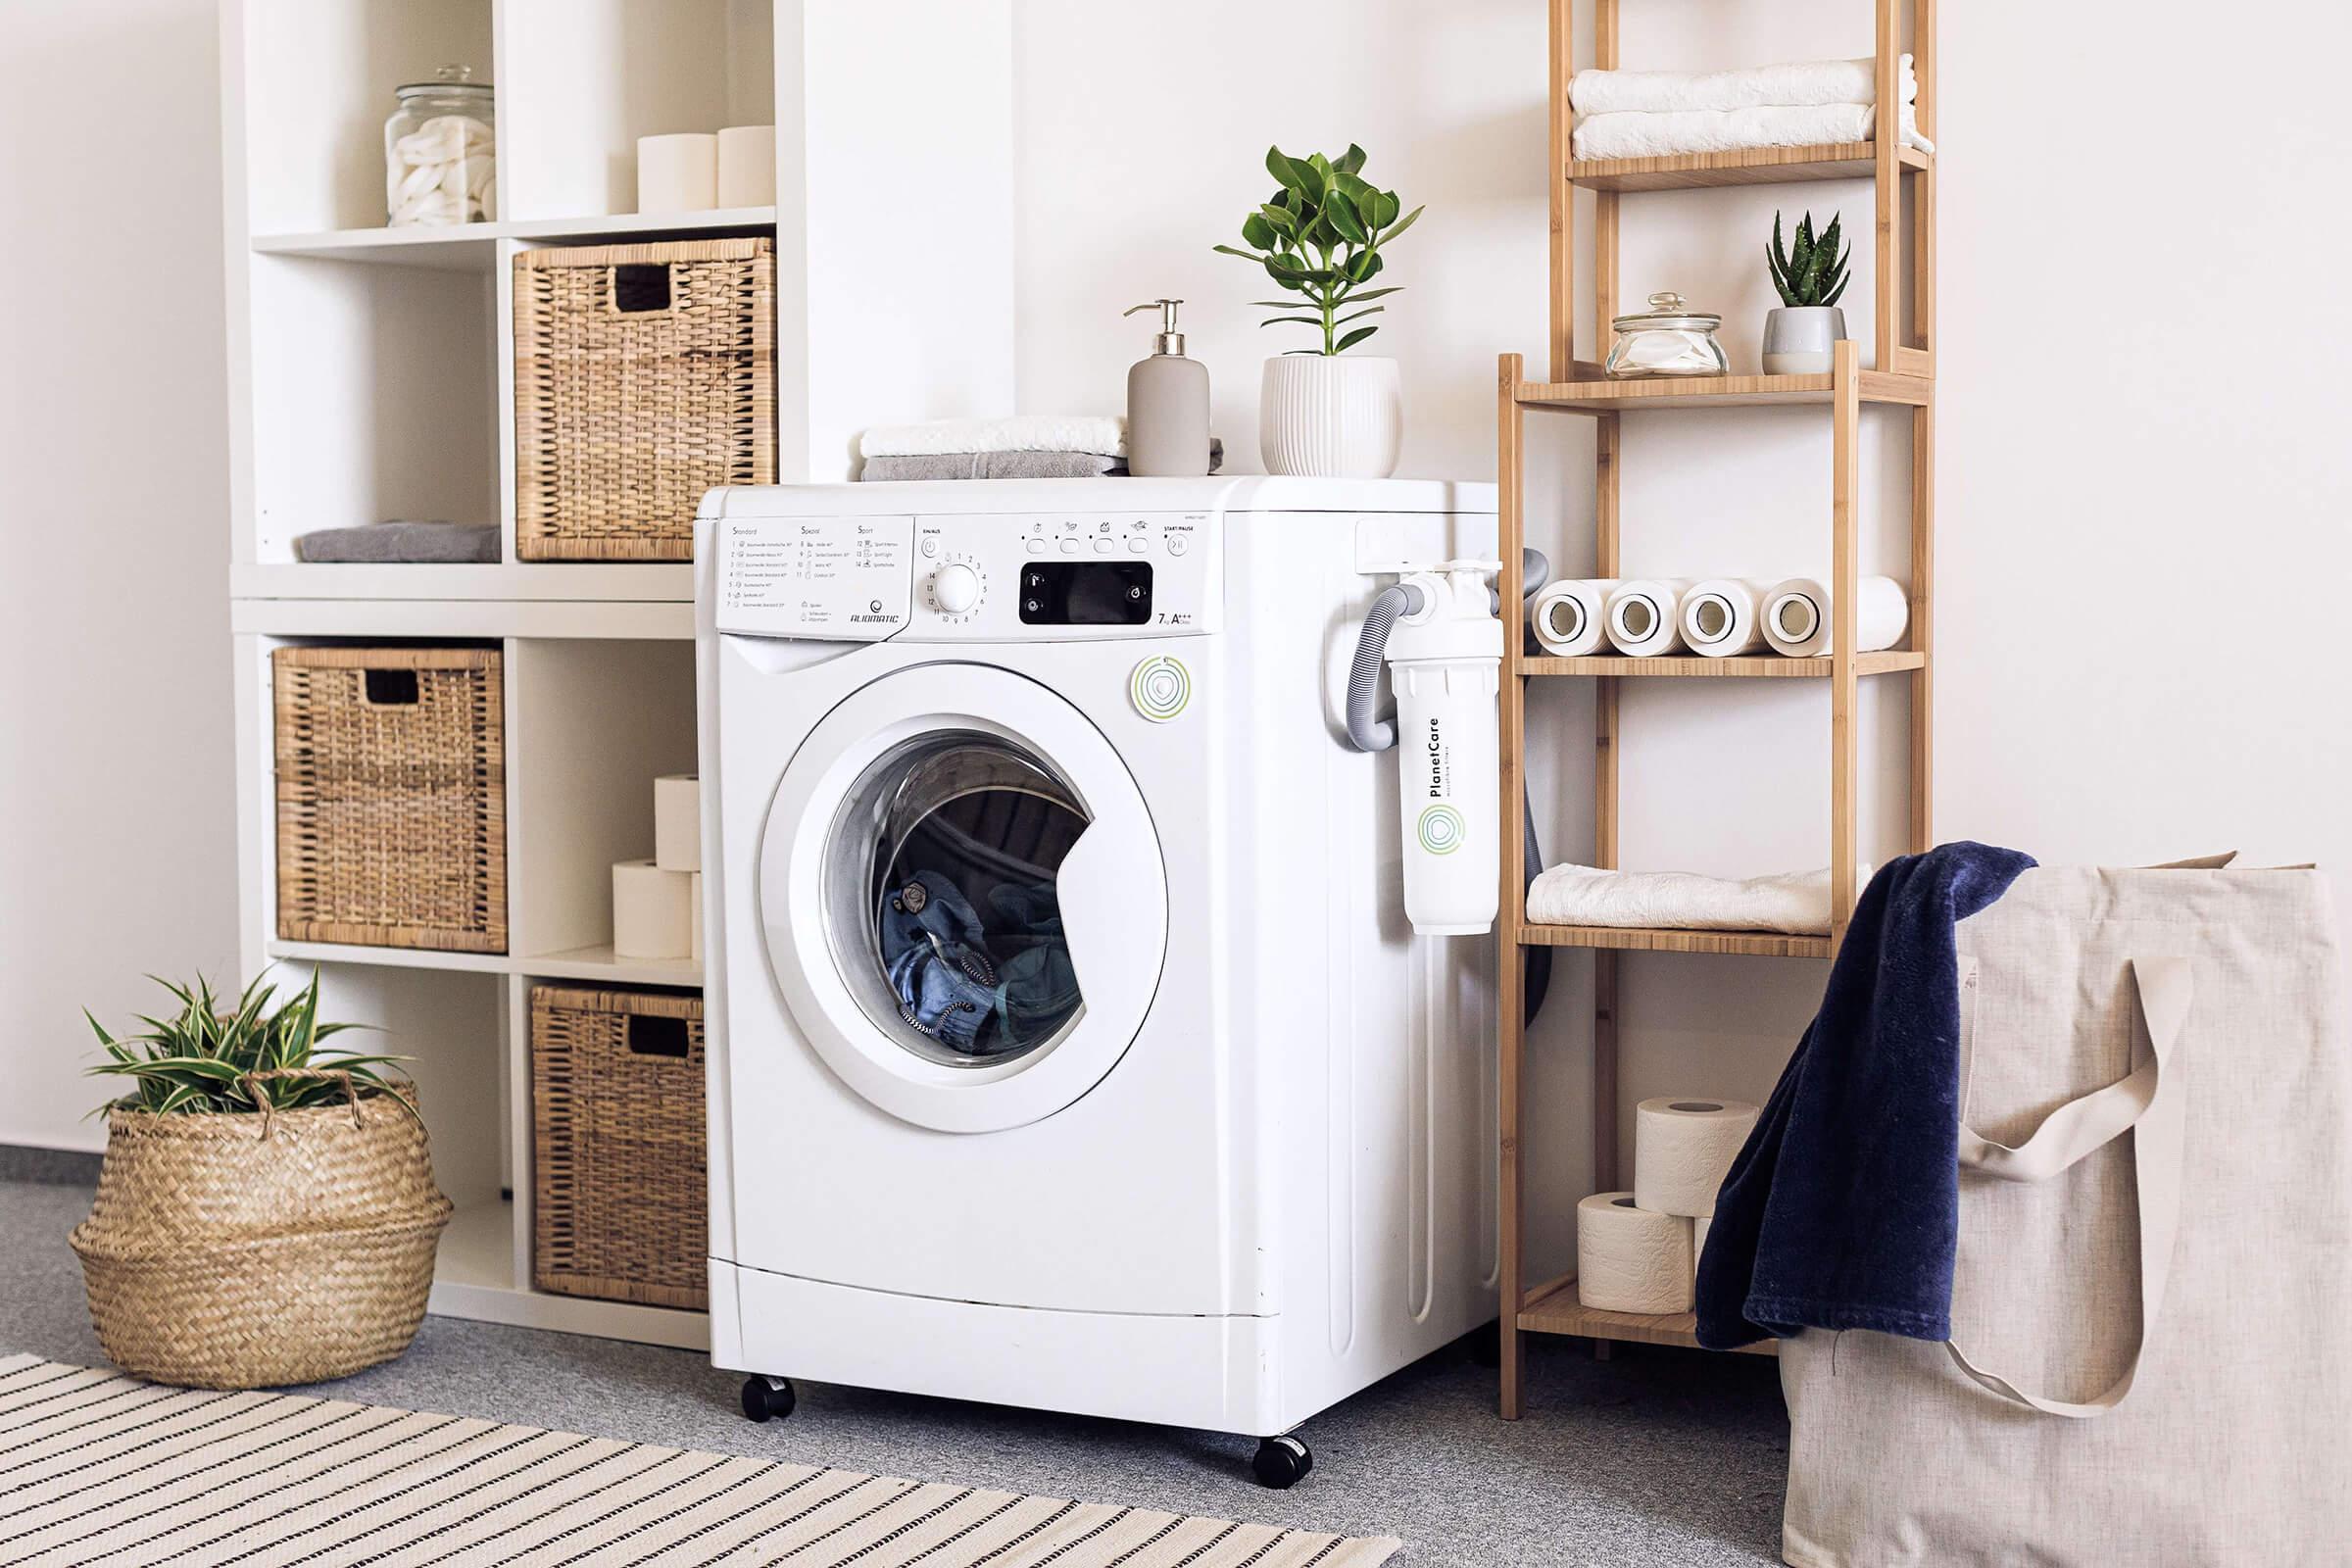 洗濯機での事故に気を付けましょう! 「子ども安全メール from 消費者庁」Vol.563 - COIQマガジン